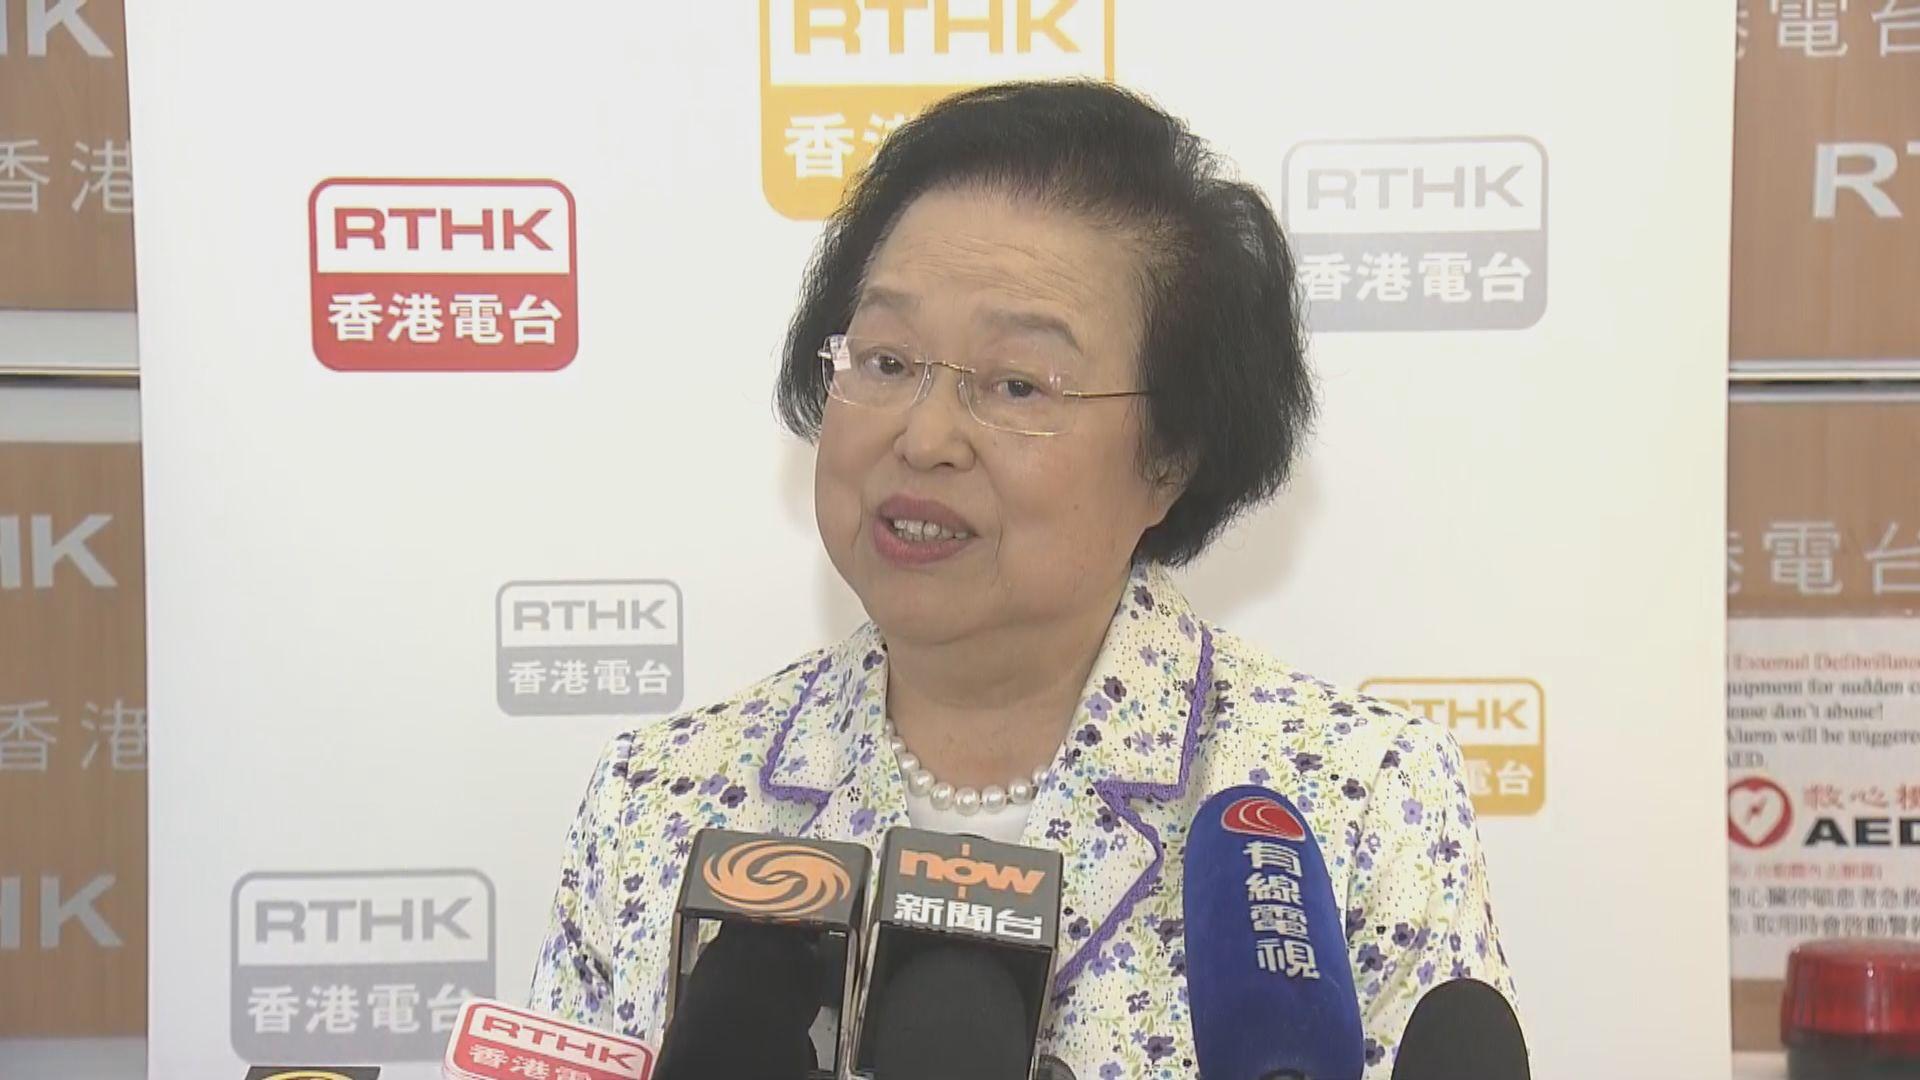 譚惠珠:禁蒙面法能減少年輕人參與非法集會